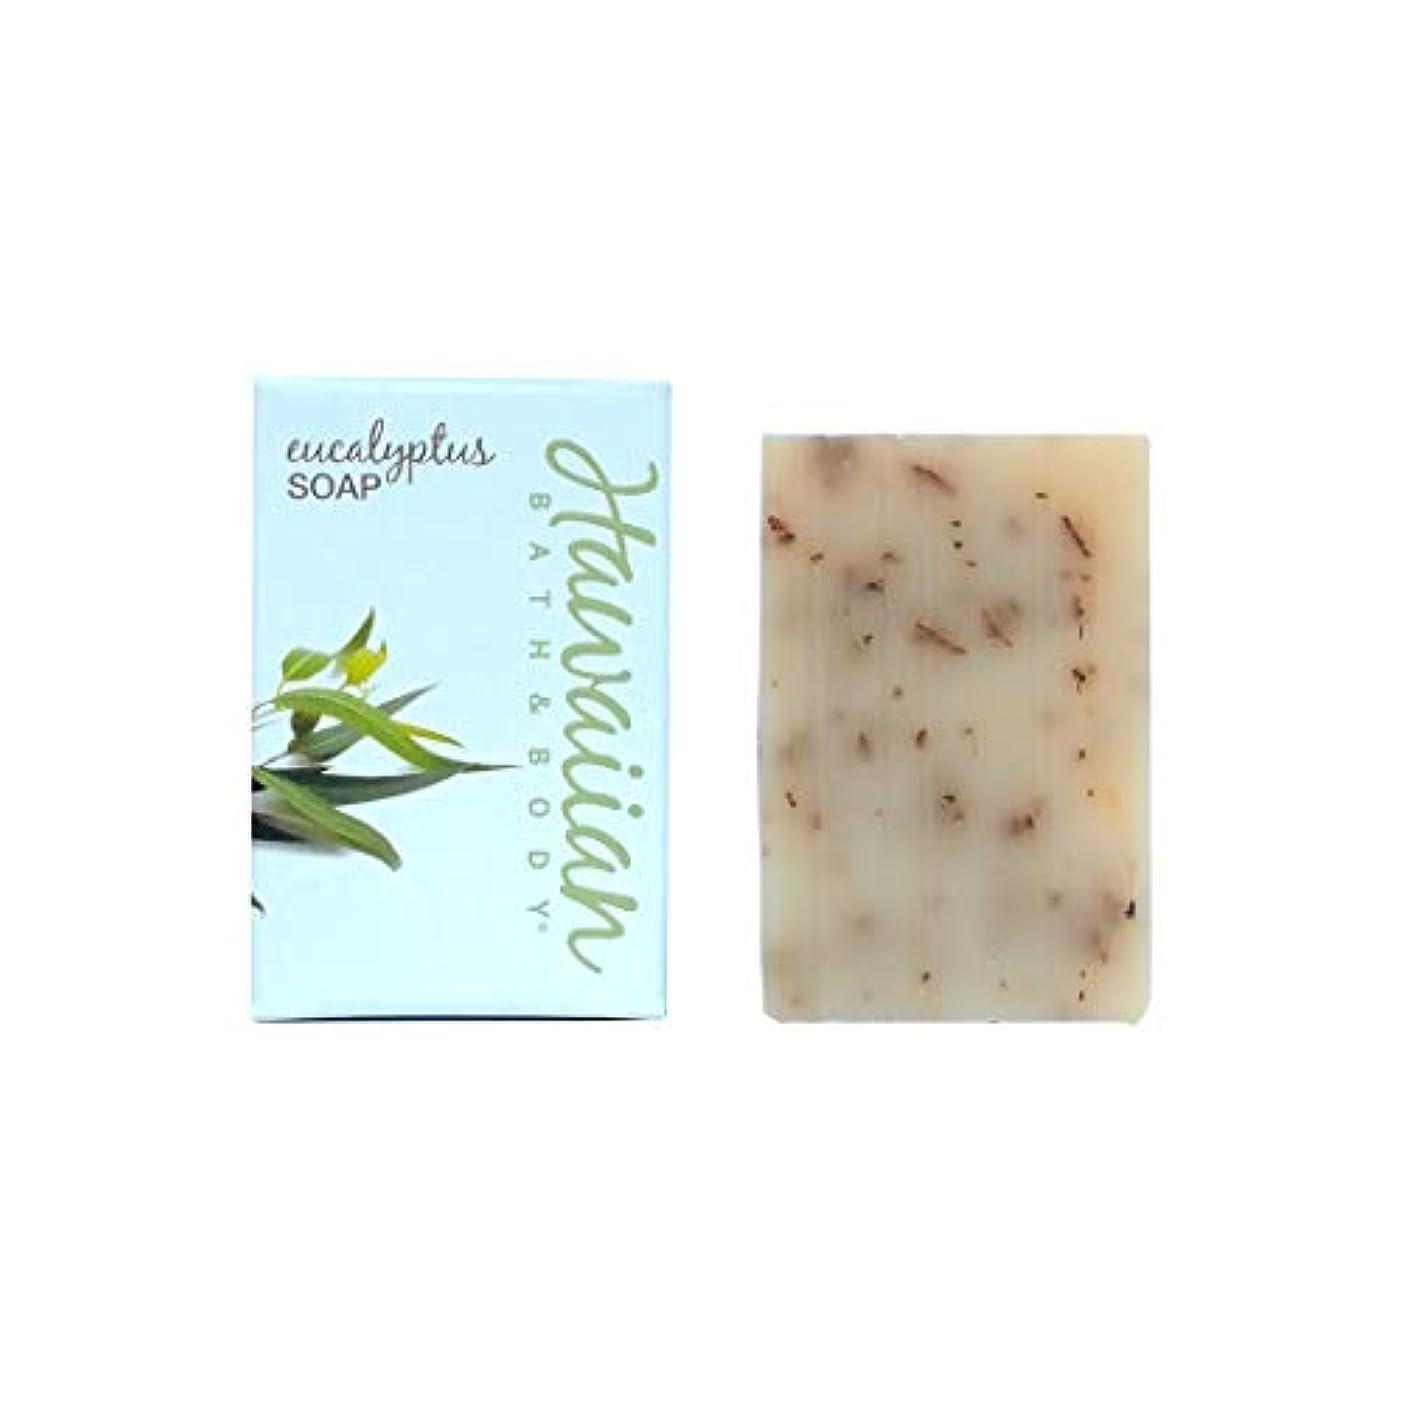 思い出田舎対ハワイアンバス&ボディ ユーカリソープ (Eucalyptus Soap)